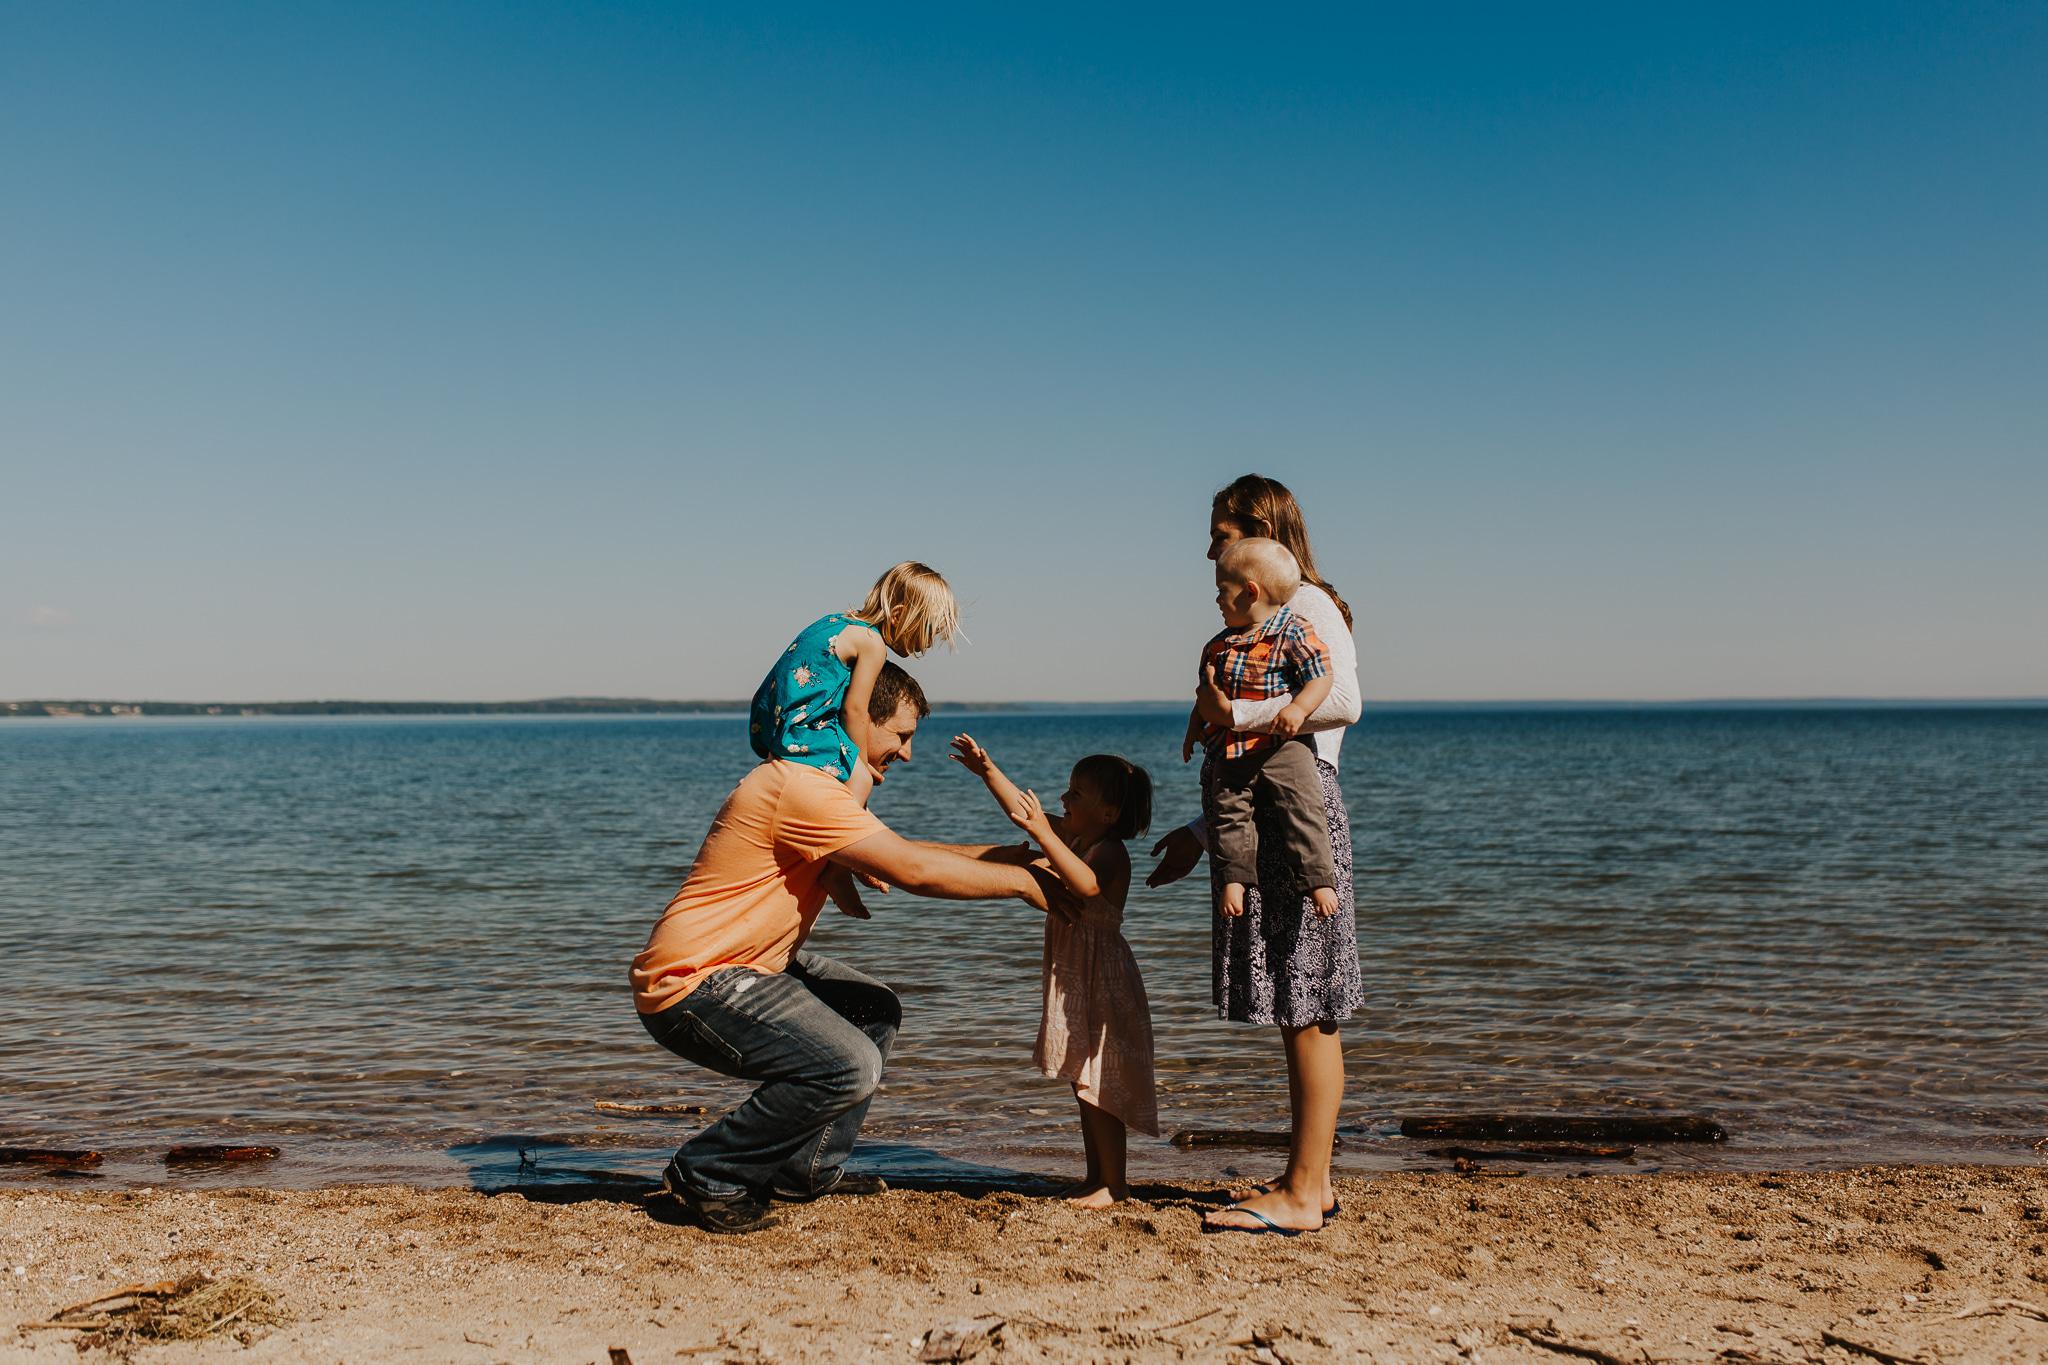 Alina-Joy-Photography-Cold-Lake-Lifestyle-Photographer-135.jpg